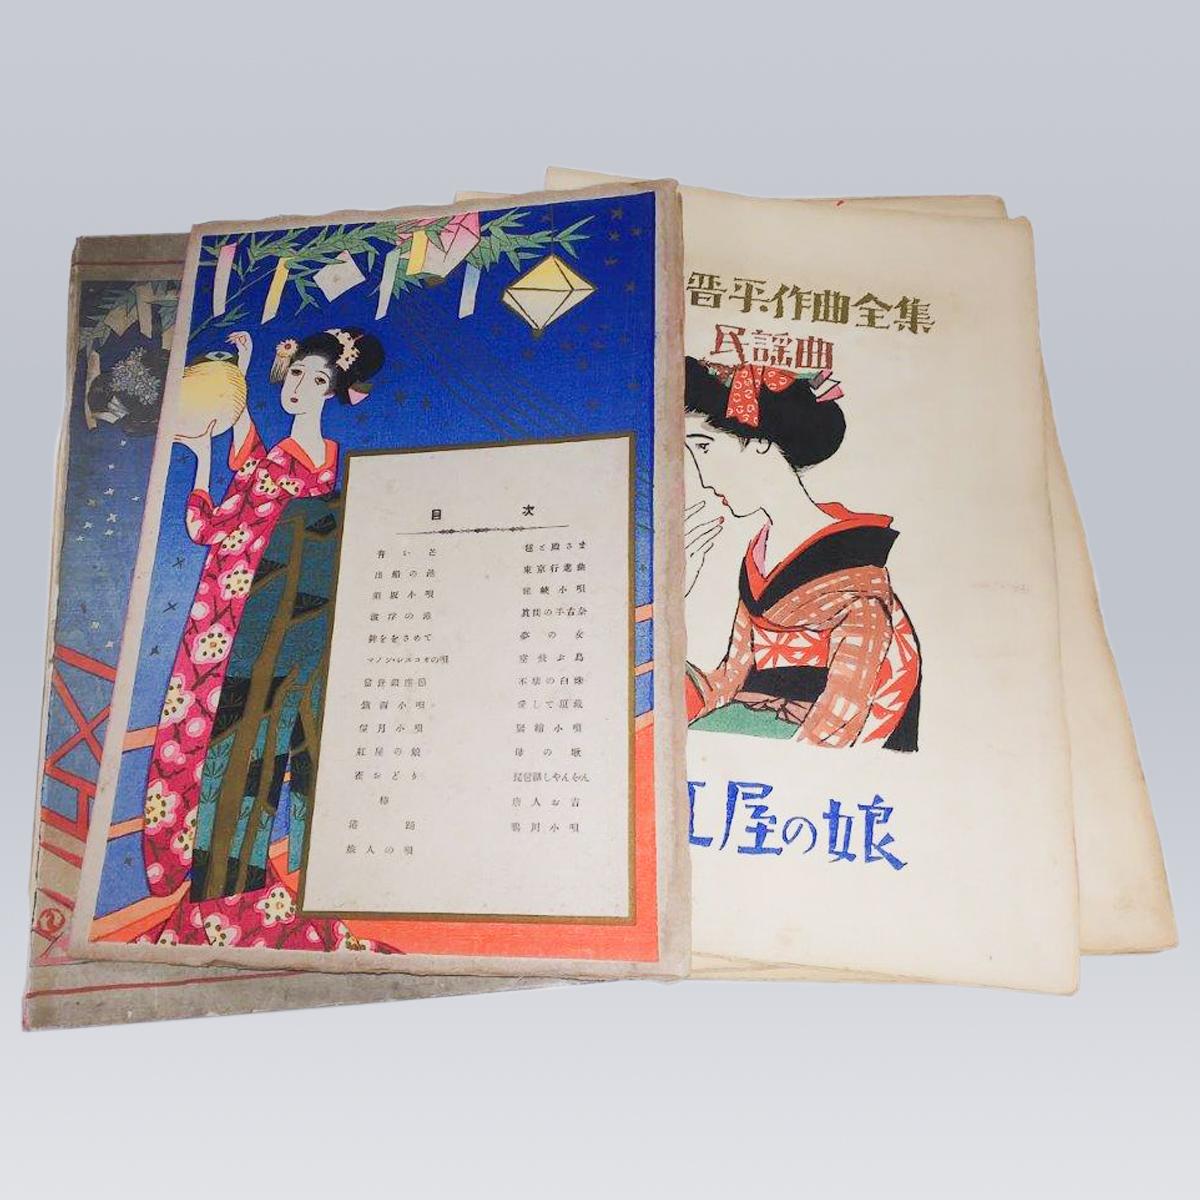 古書販売 竹久夢二多色摺木版画「中山晋平作曲全集 民謡曲」